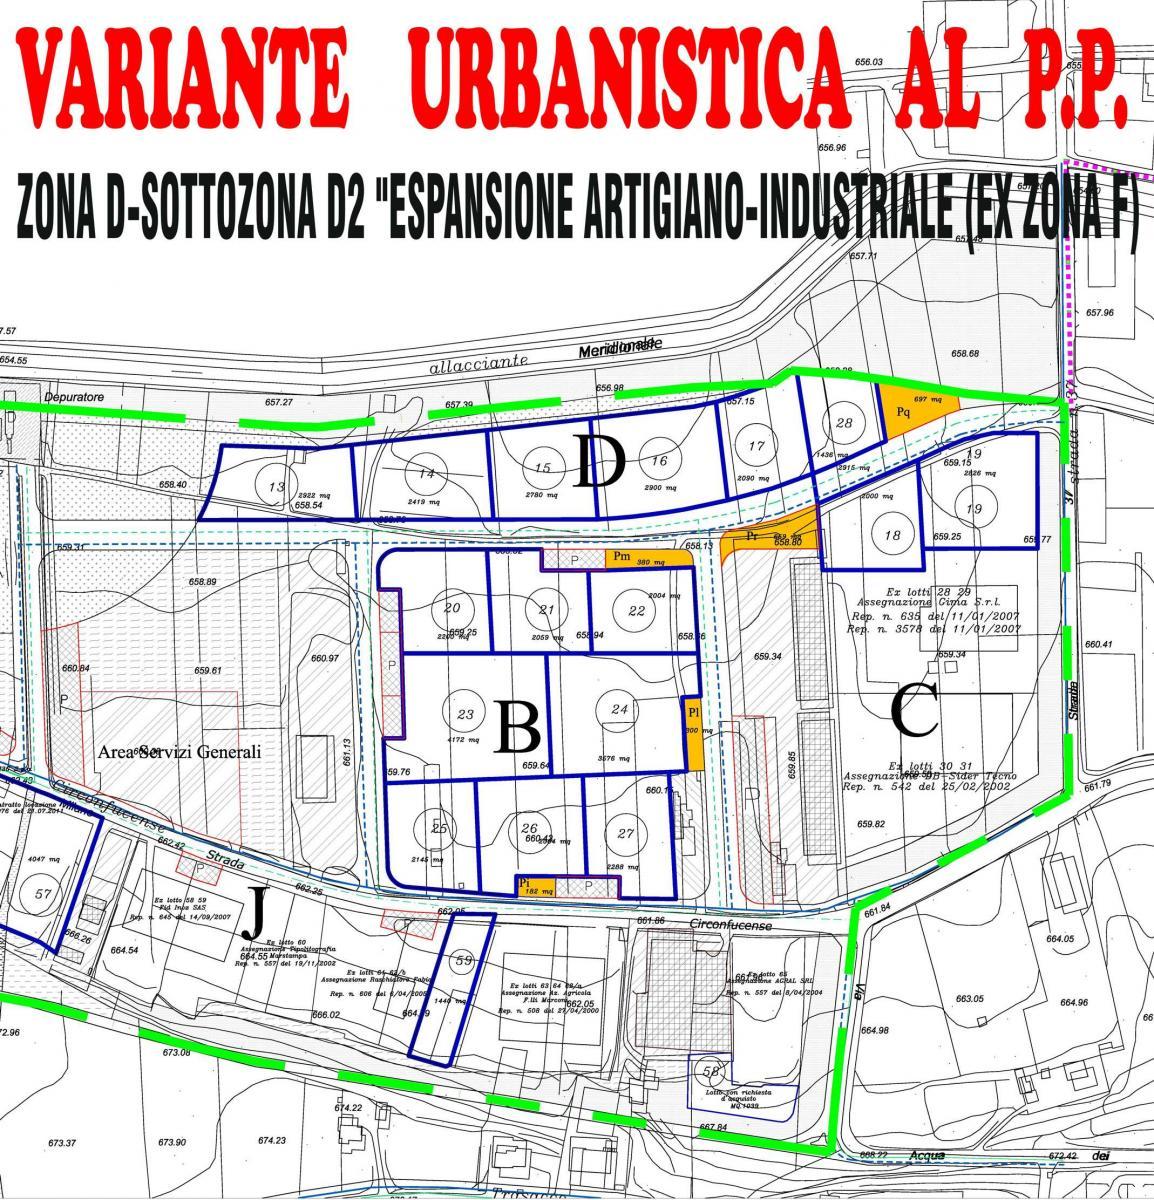 Variante Urbanistica Zona Artigianale ed Industriale - approvazione definitiva